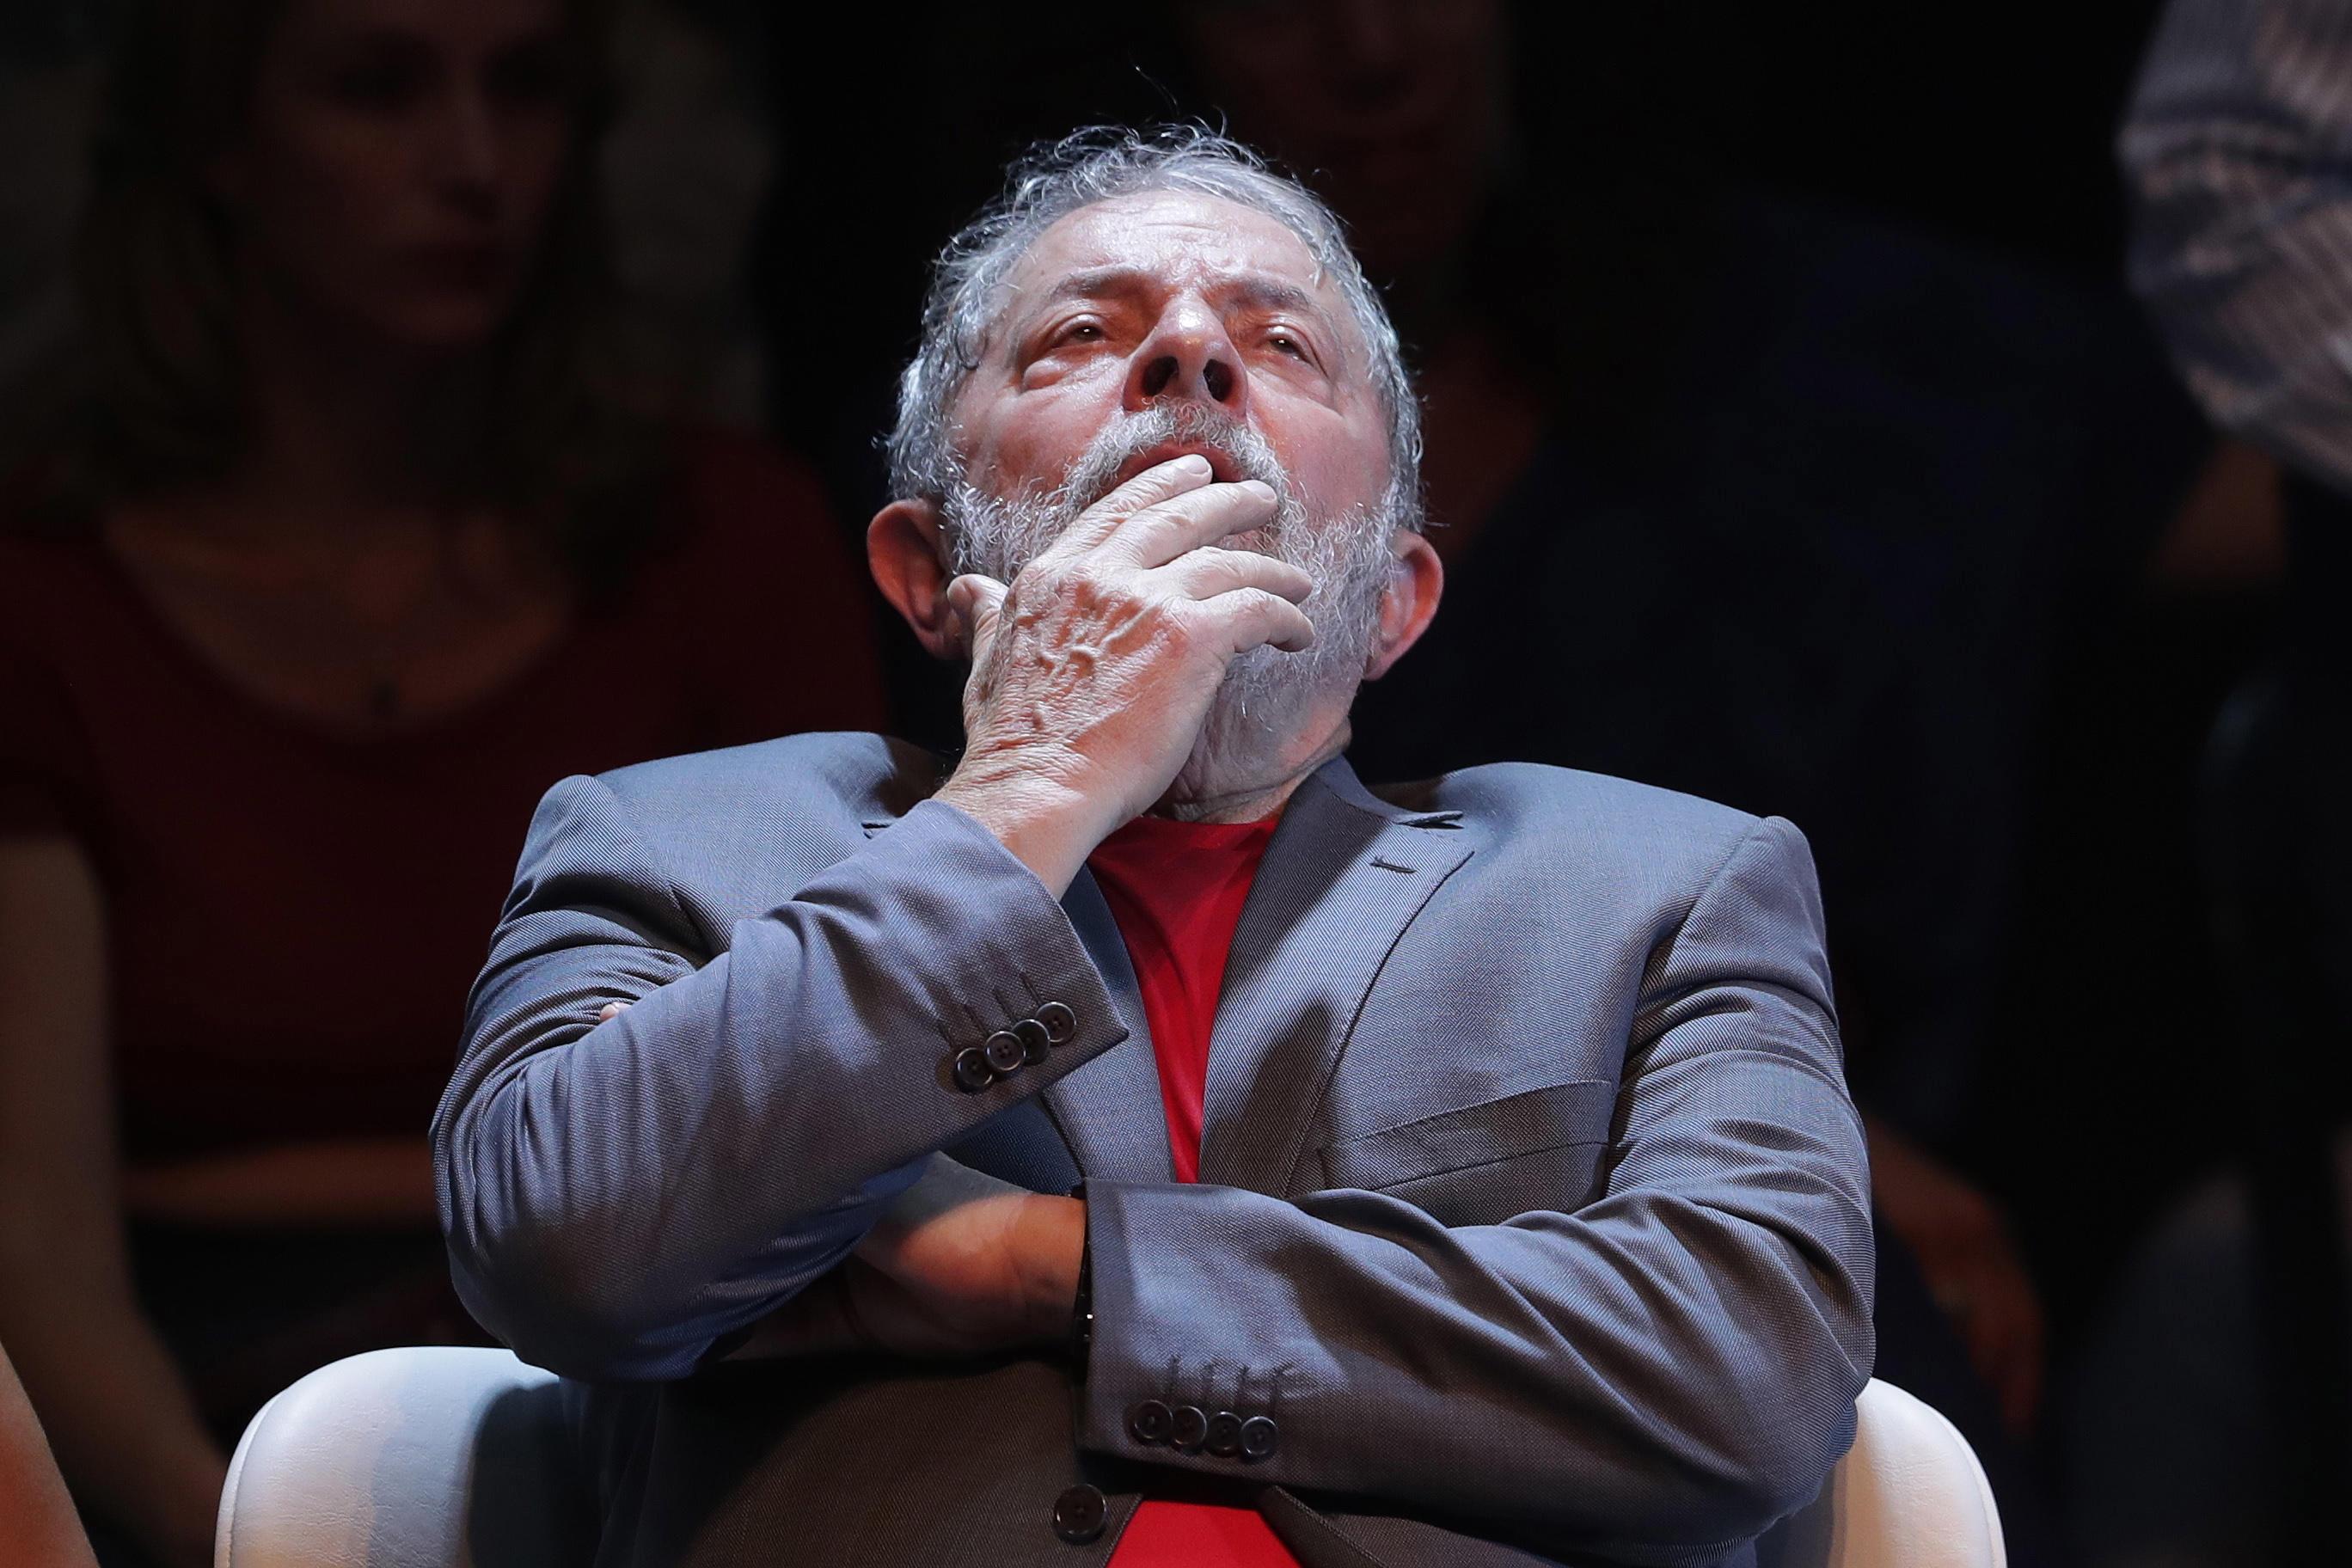 Procuradores divulgaram denúncia contra Lula da Silva para minimizar críticas à Lava Jato, escreve The Intercept Brasil